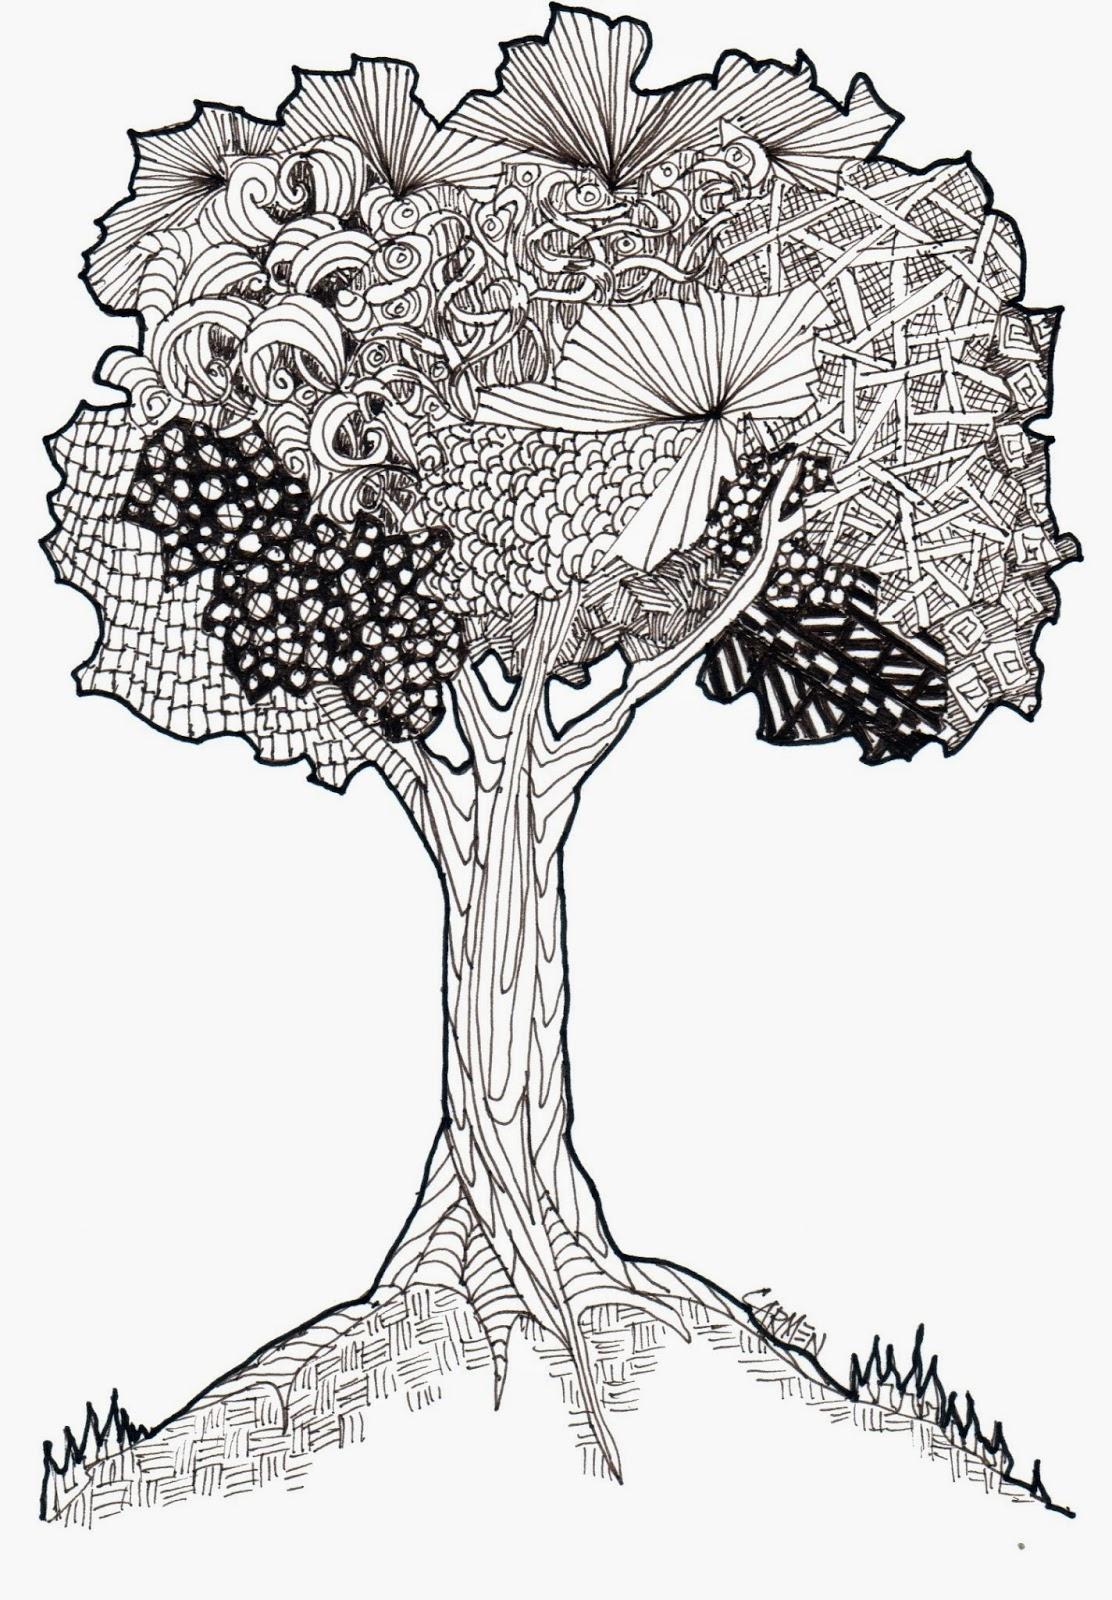 Carmen Beecher Zentangle Tree 8x10 Pen And Ink